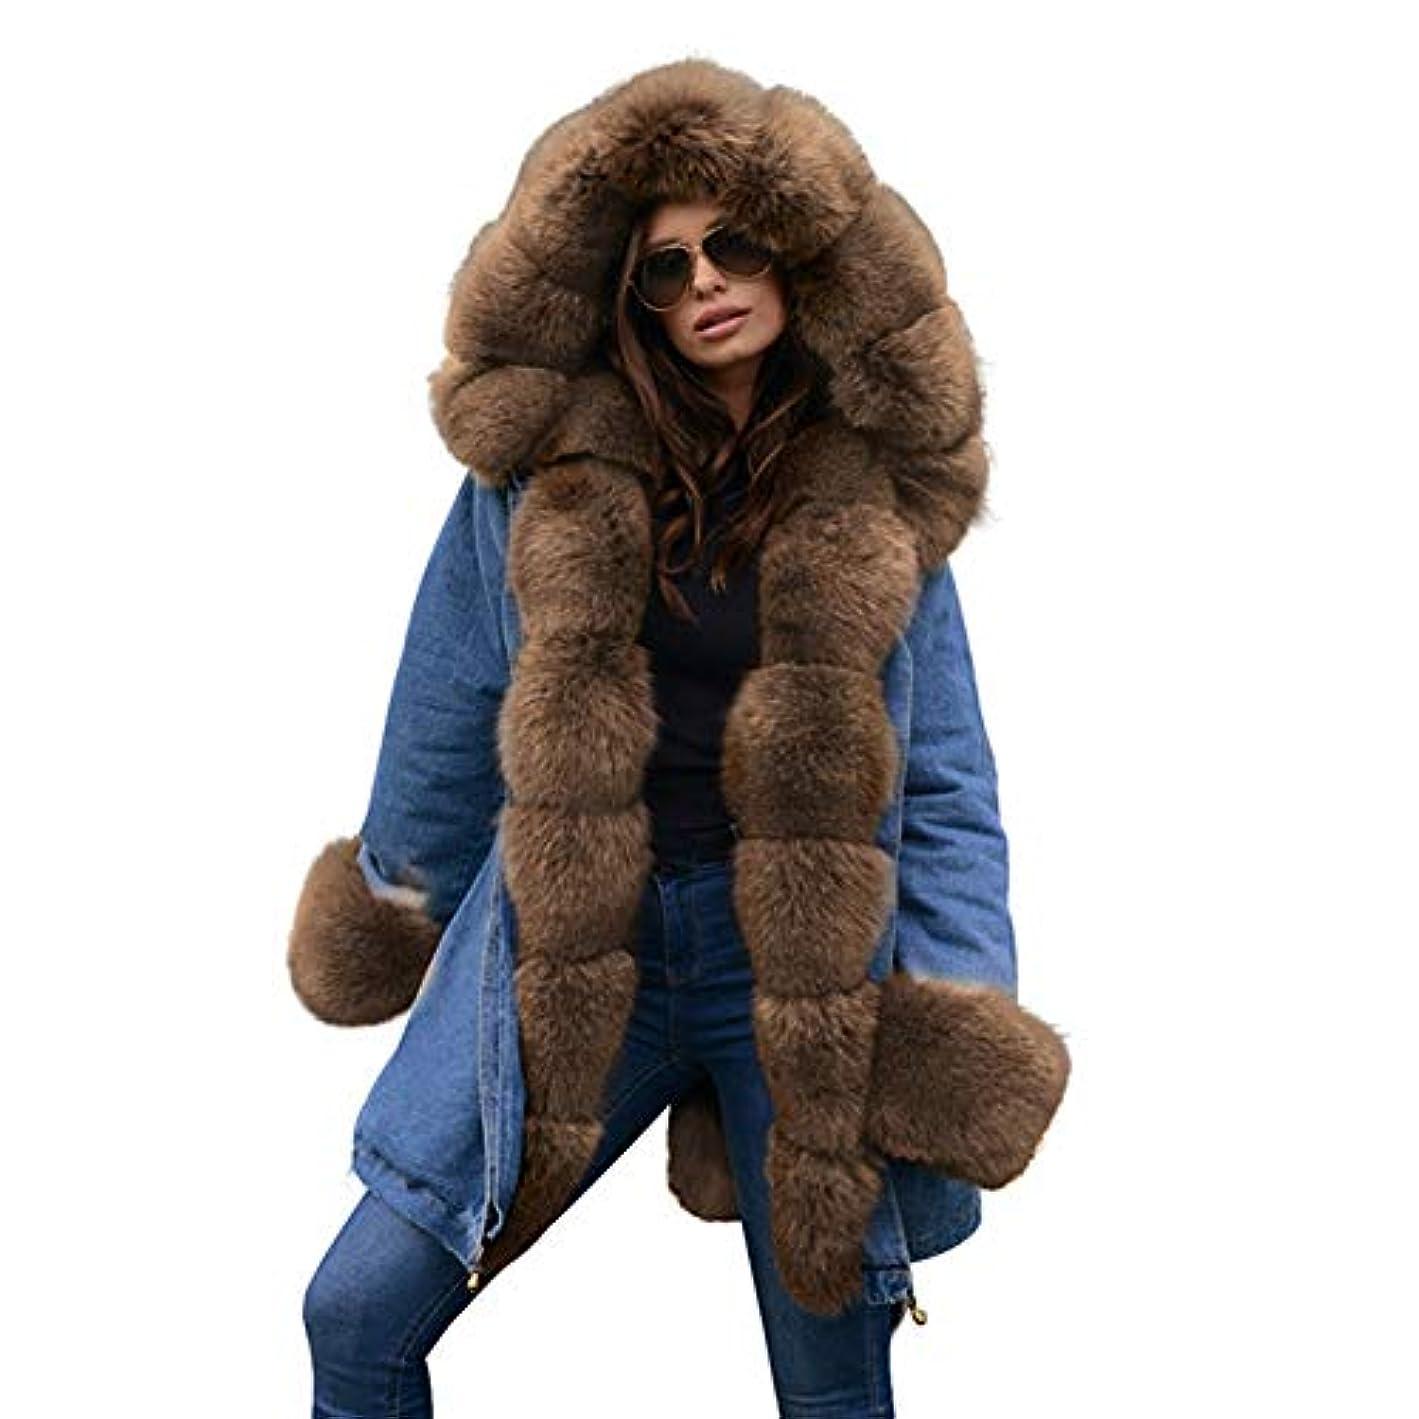 触手人間効率厚手フード付きジャケット女性ウィンターフェイクファーカラーコートコットンパットオーバーコートロングコートパーカスパーカ,S